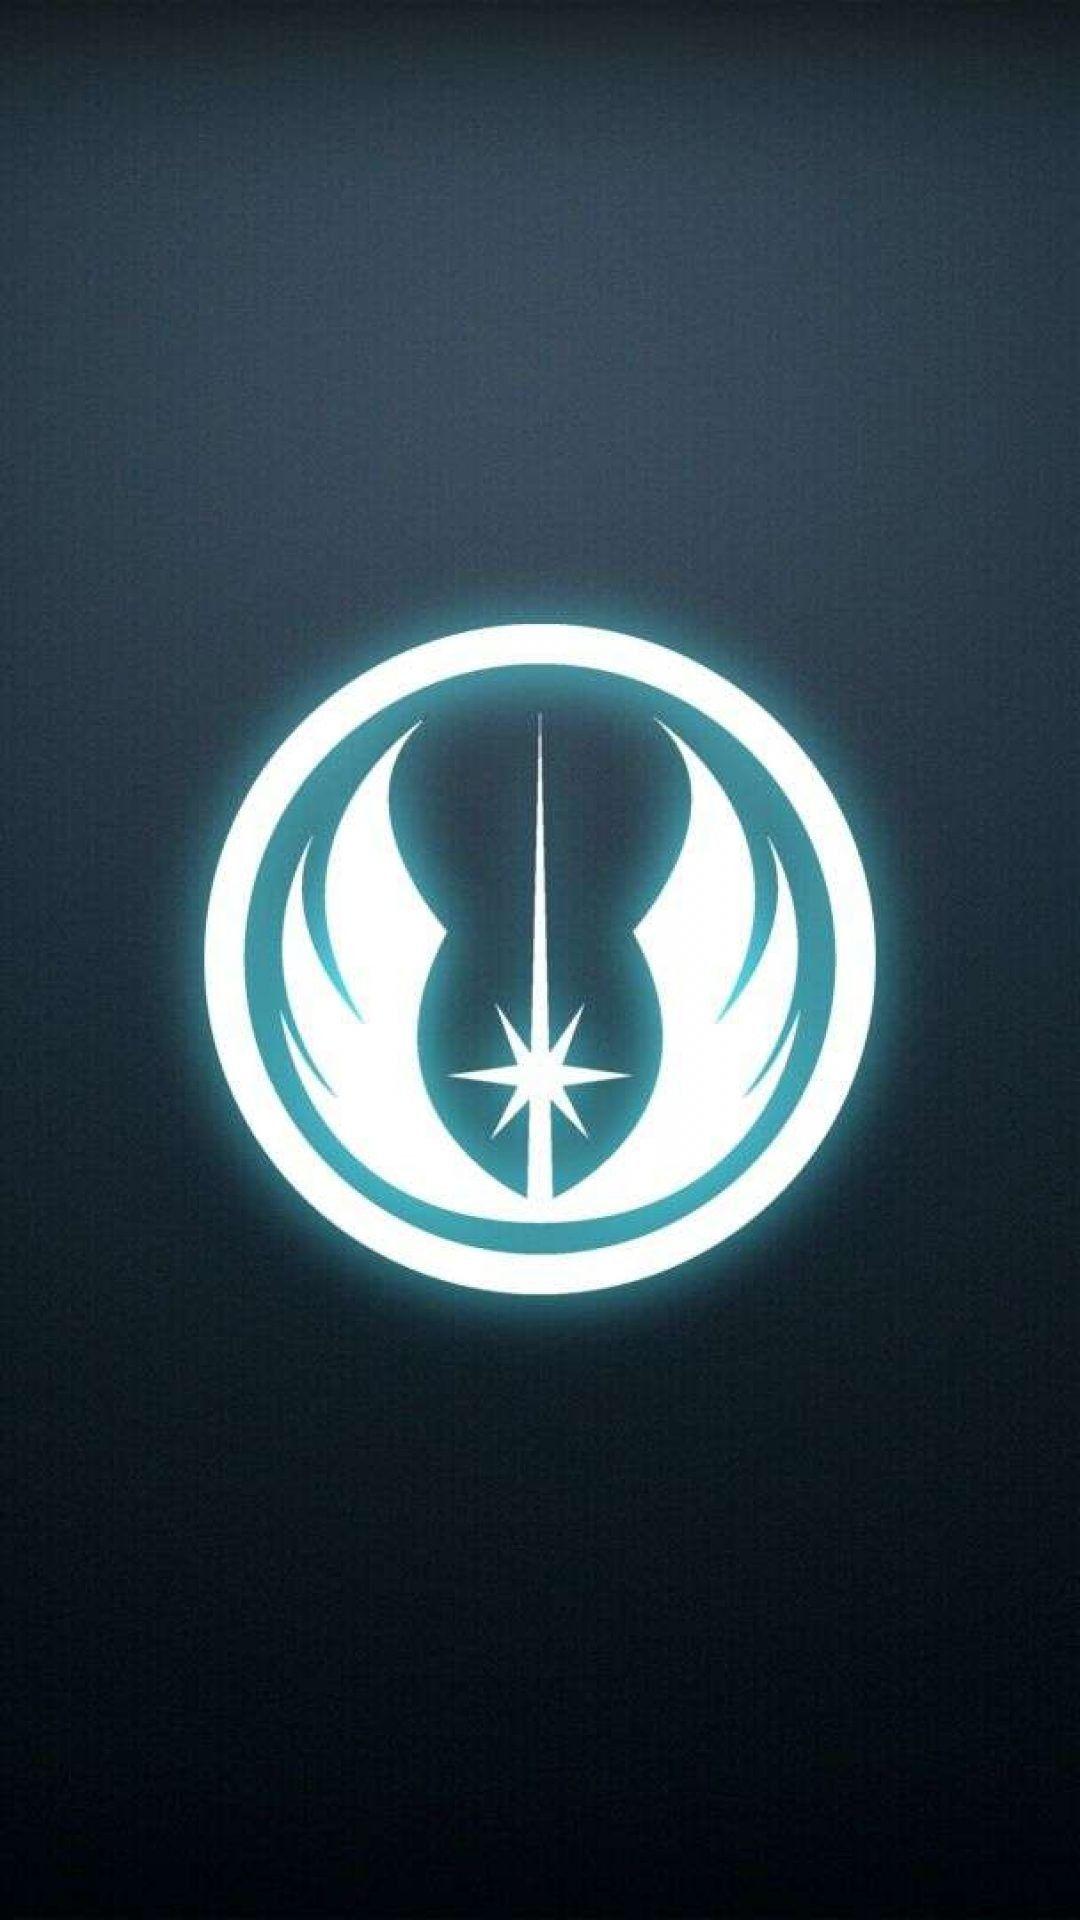 1080x1920 Star Wars Jedi Symbol Wallpaper Star Wars Wallpaper Star Wars Background Star Wars Symbols